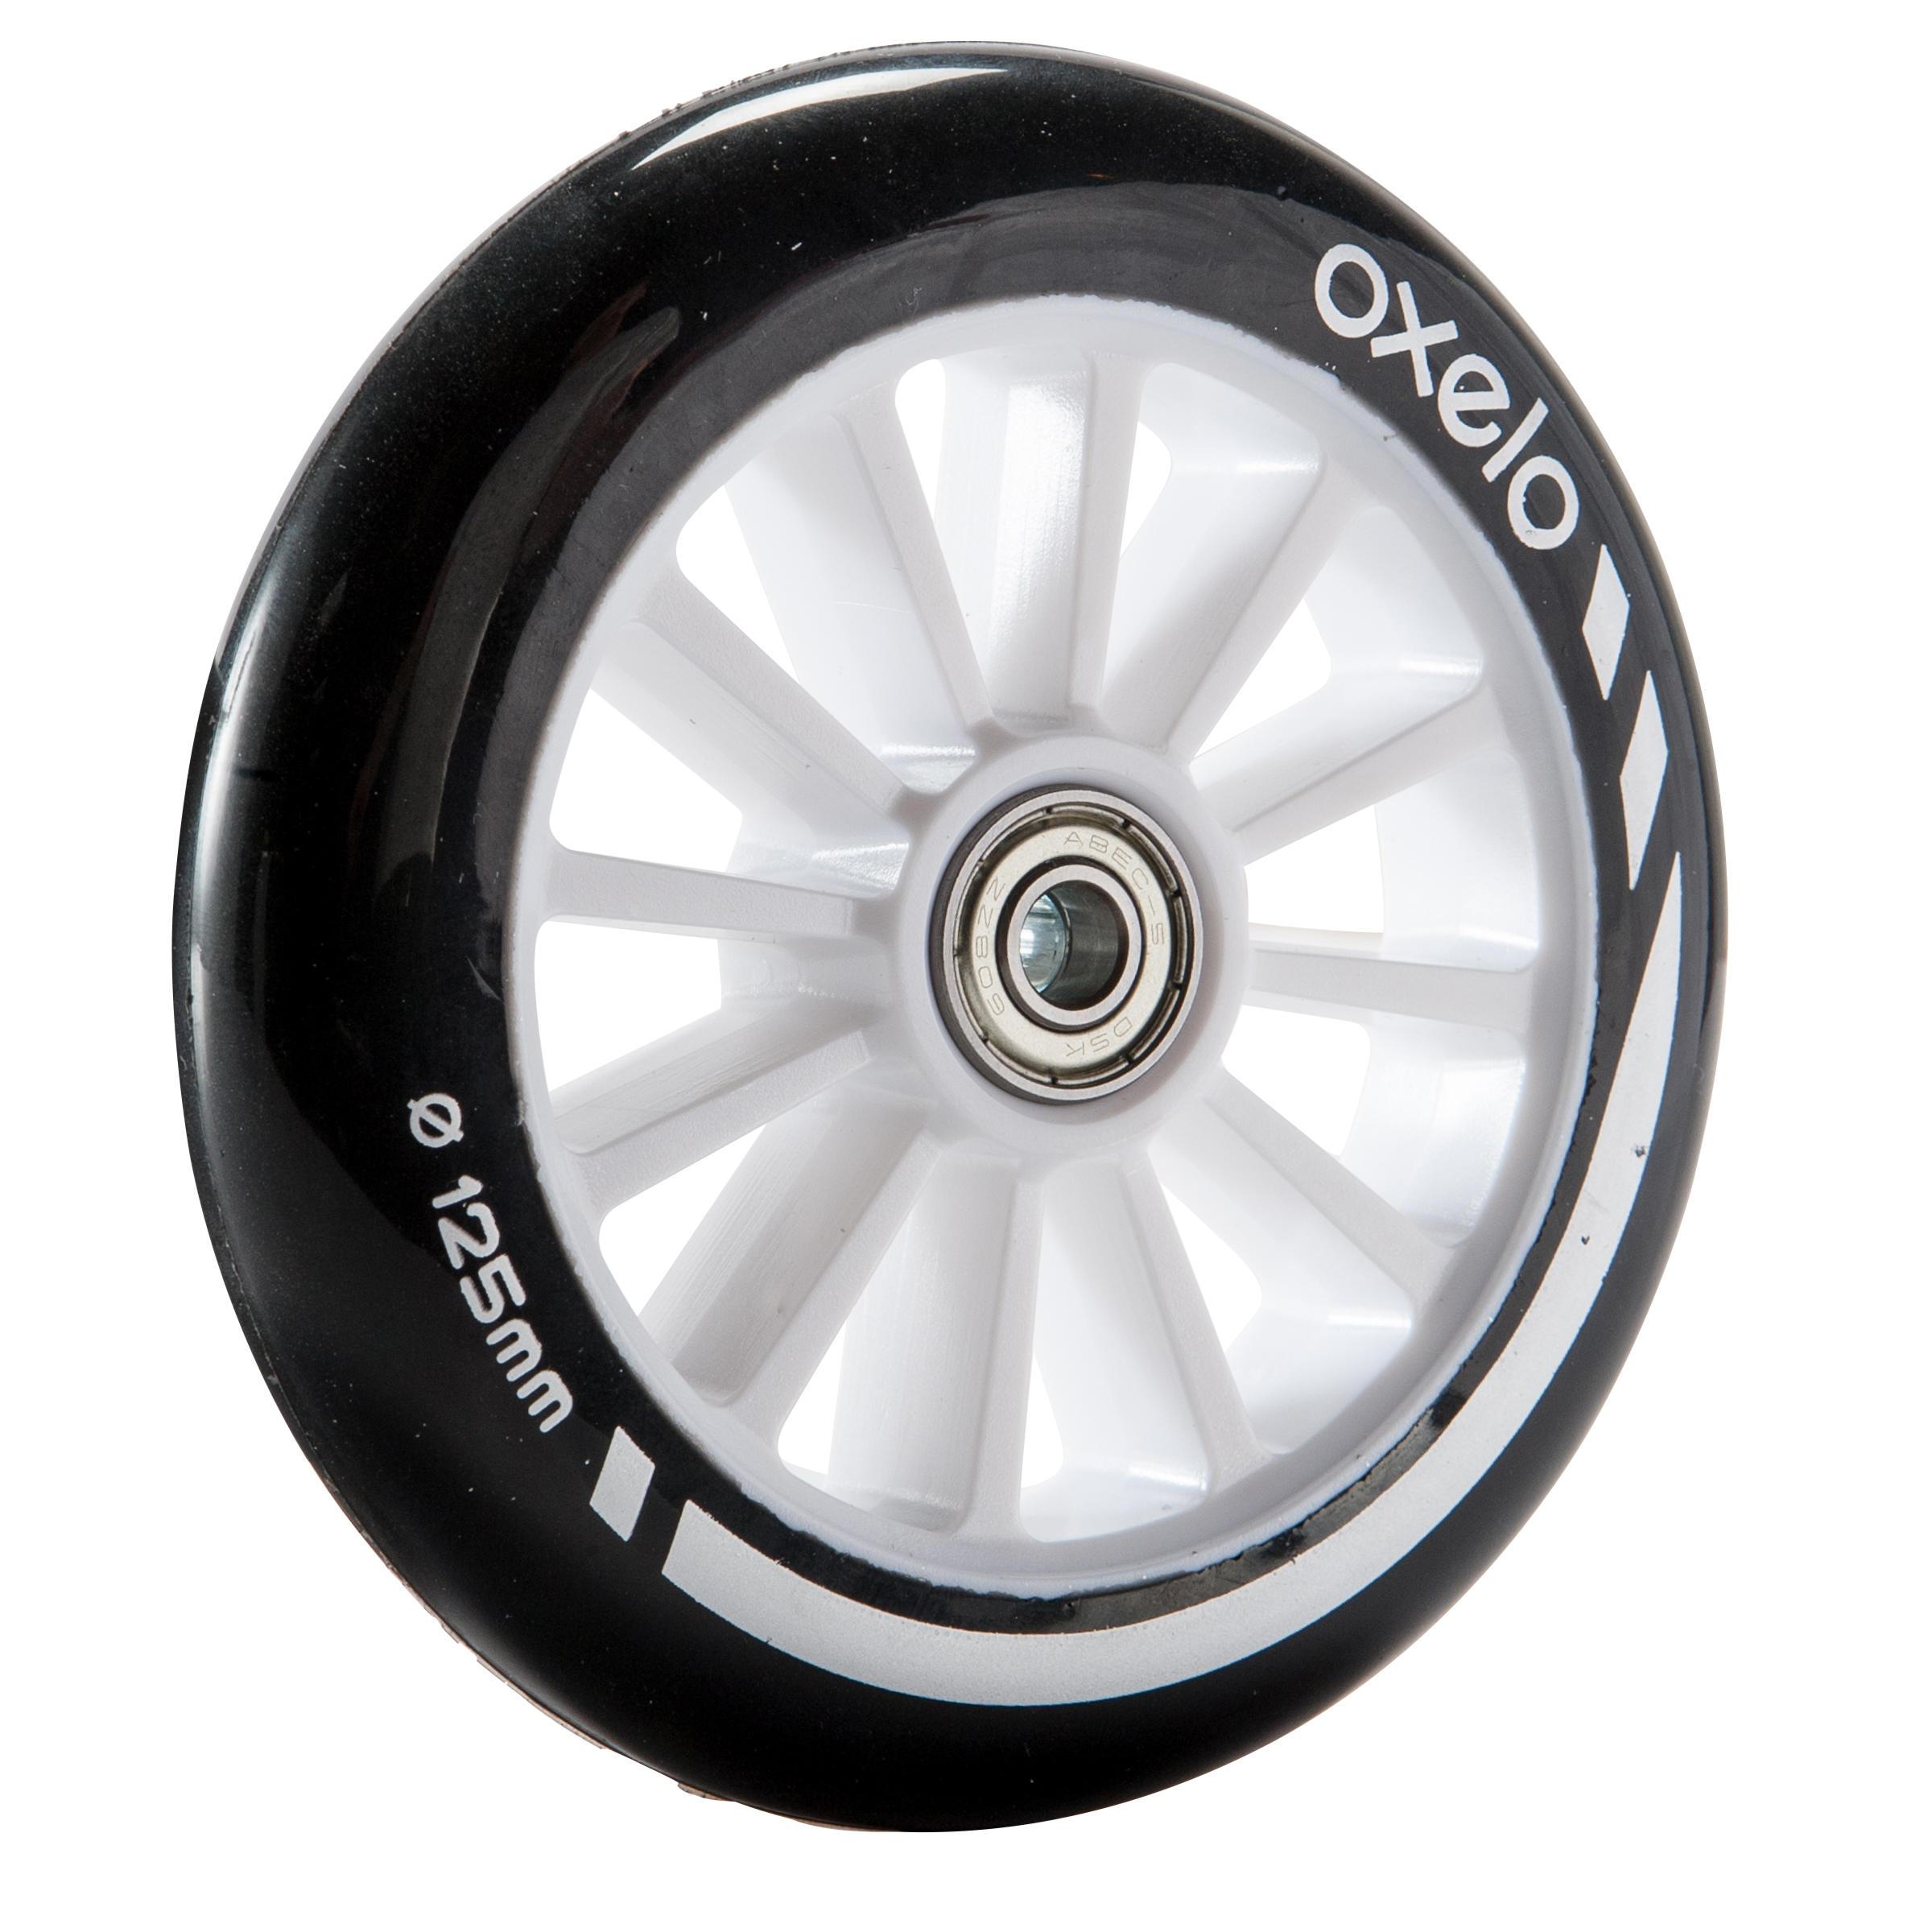 1 roue de trottinette 5_QUOTE_ avec roulements noire